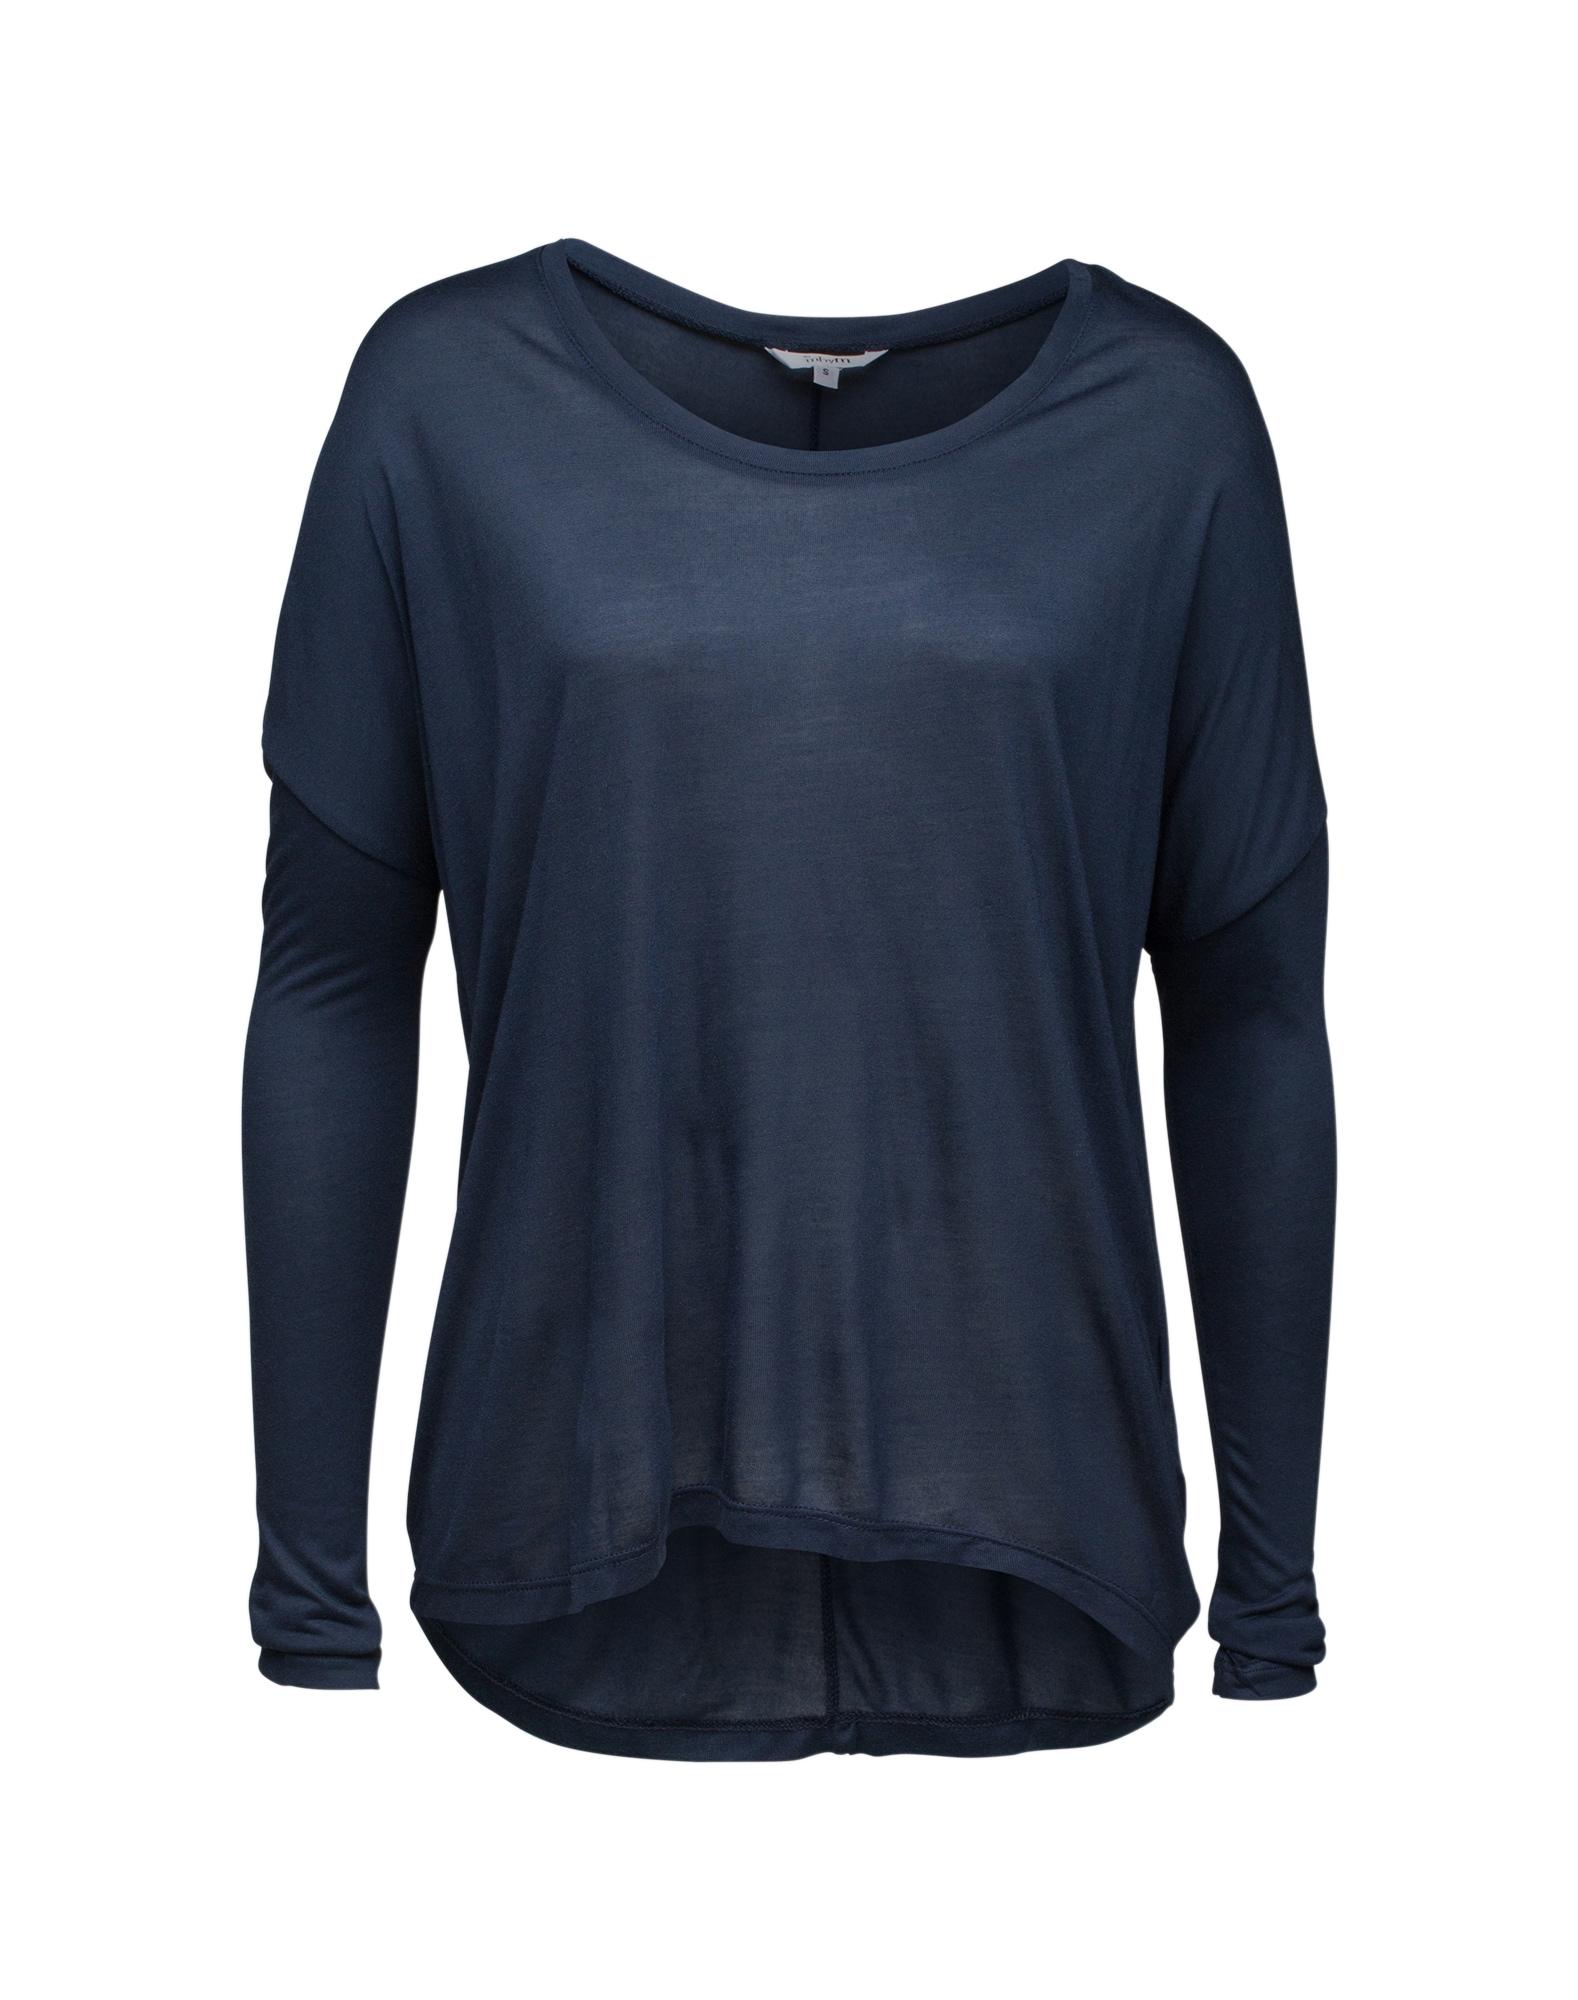 Oversized tričko Petrol modrá tmavě modrá Mbym